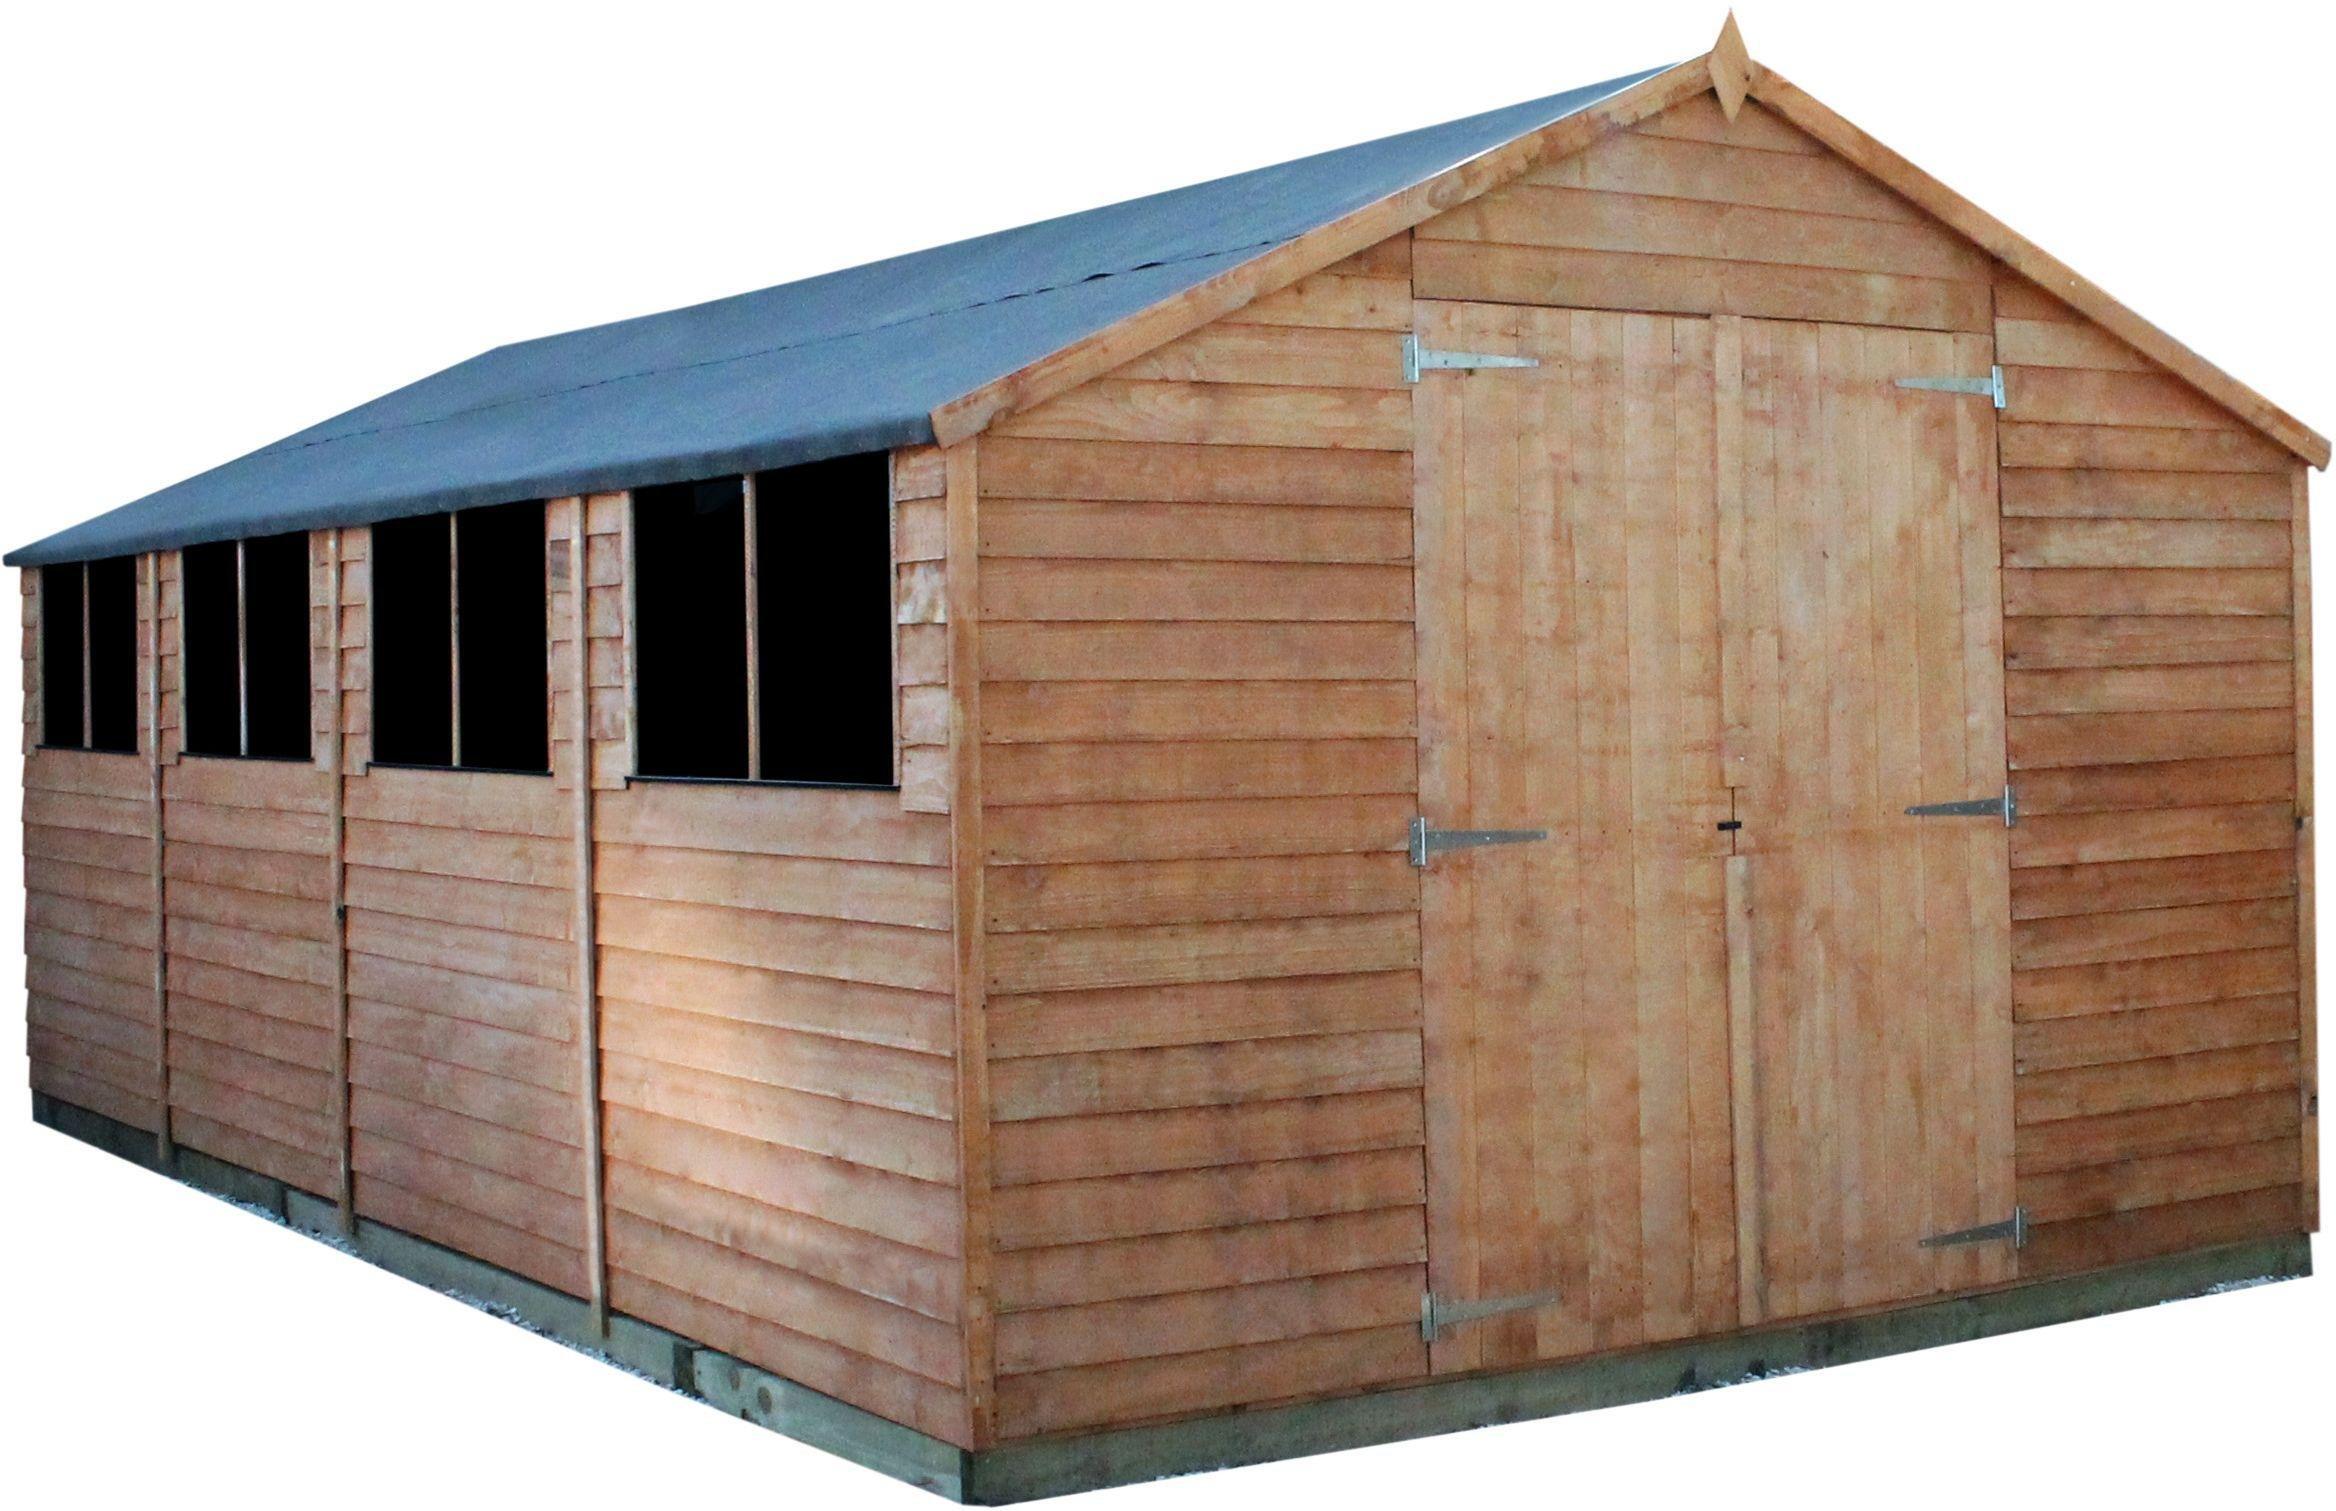 Mercia Overlap Wooden Workshop Shed - 20 x 10ft